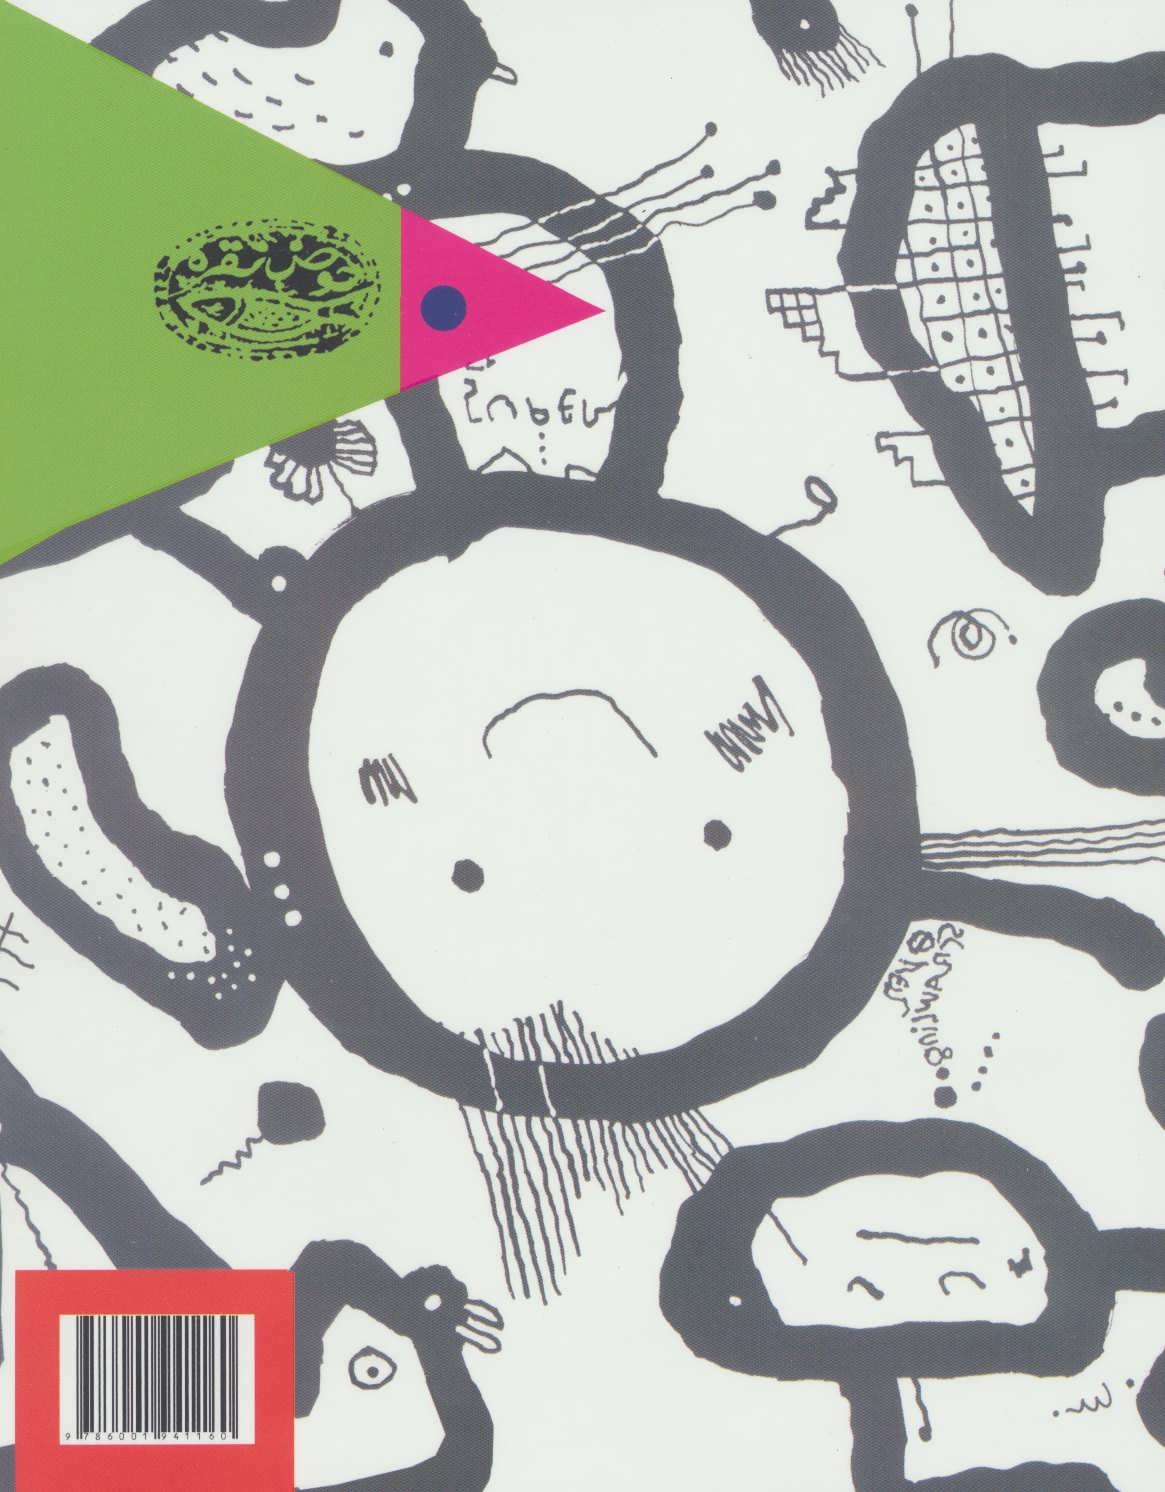 طراحی و رنگ آمیزی خلاق (کتاب سبز)